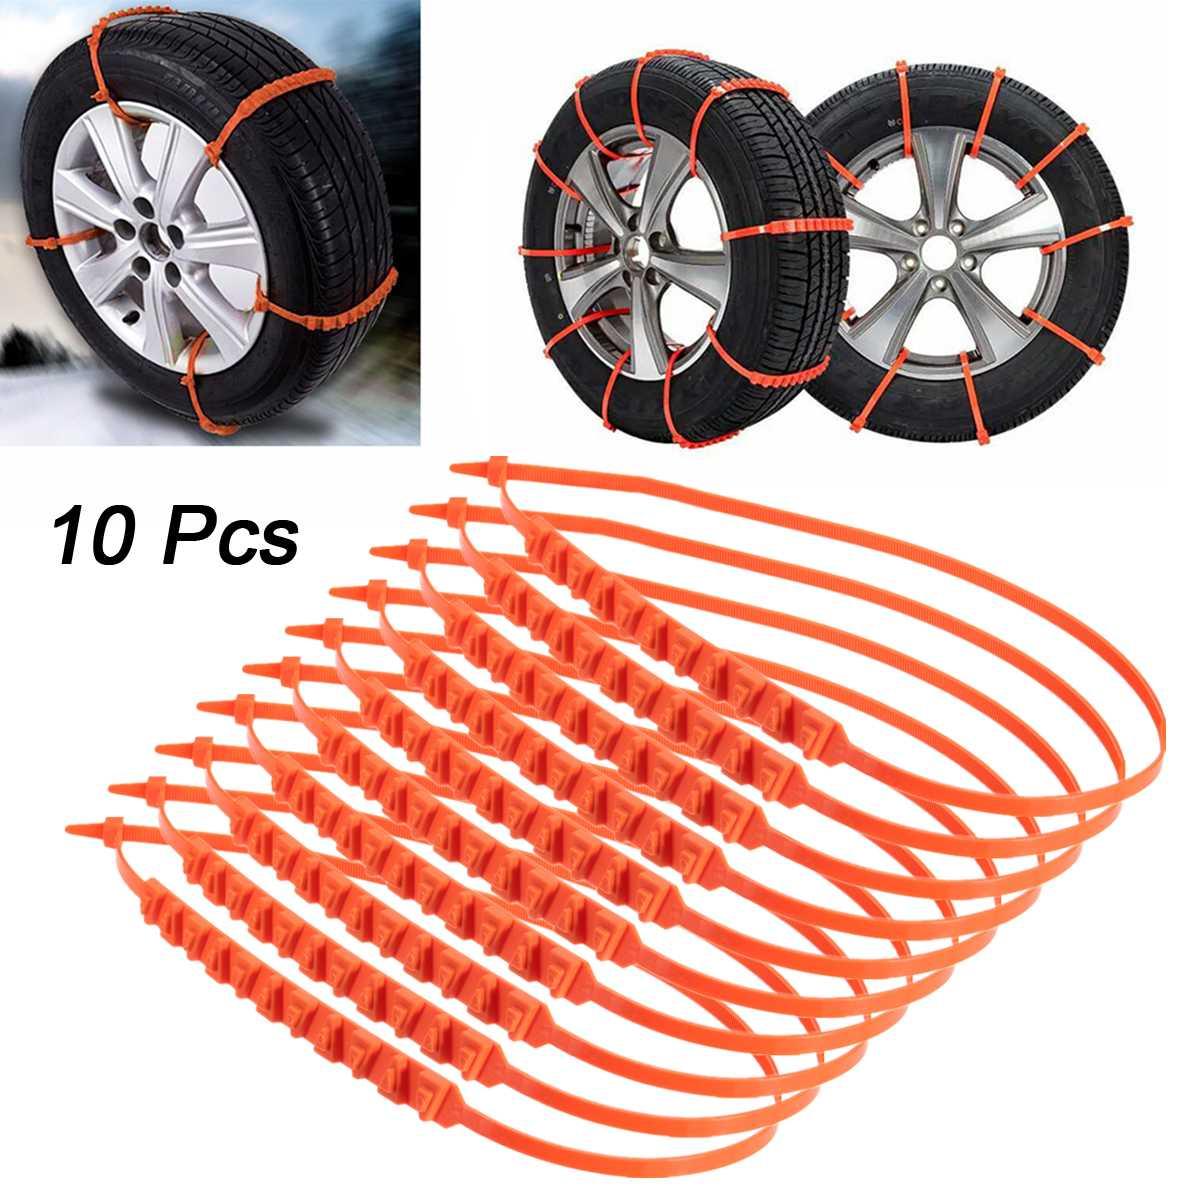 Lanren 1pc Durable Non-Slip Car Anti-Skid Tire Belt Tire Snow Chains Car Accessories Tire Chains